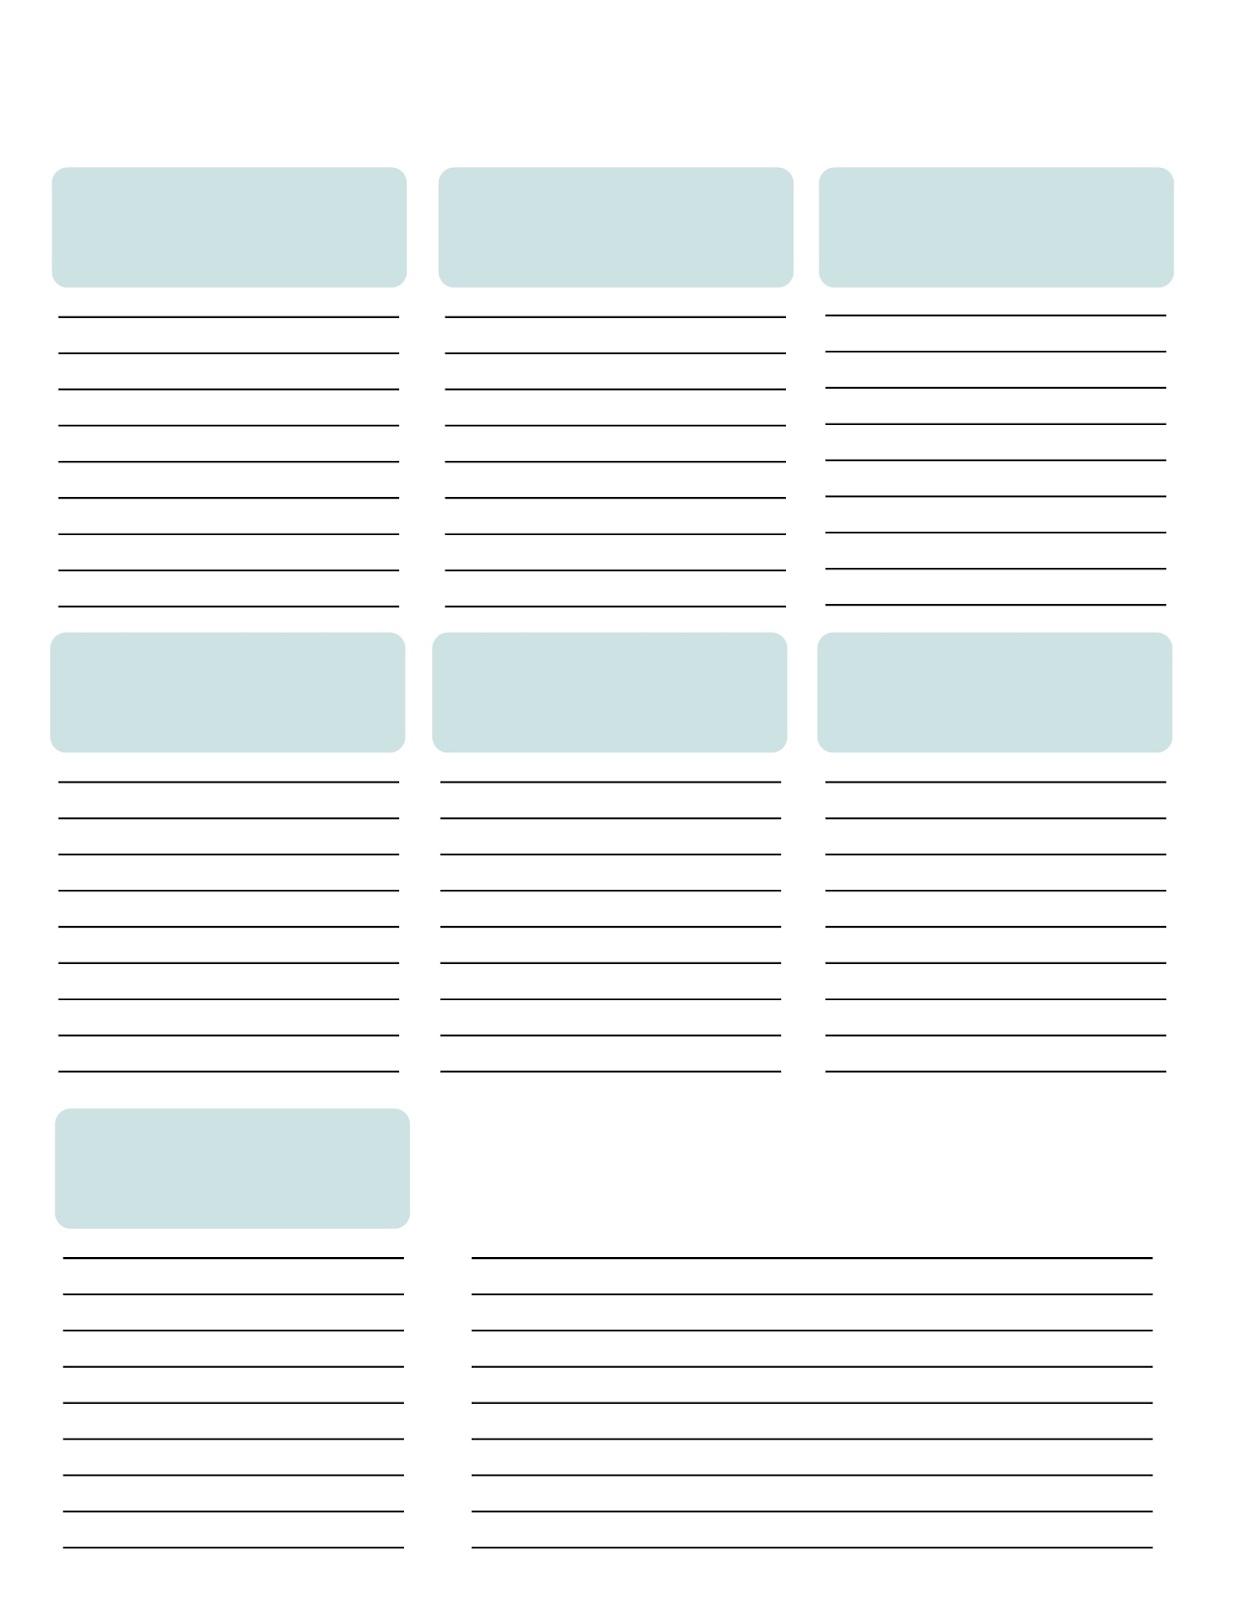 Blank List Printable | www.imgkid.com - The Image Kid Has It!